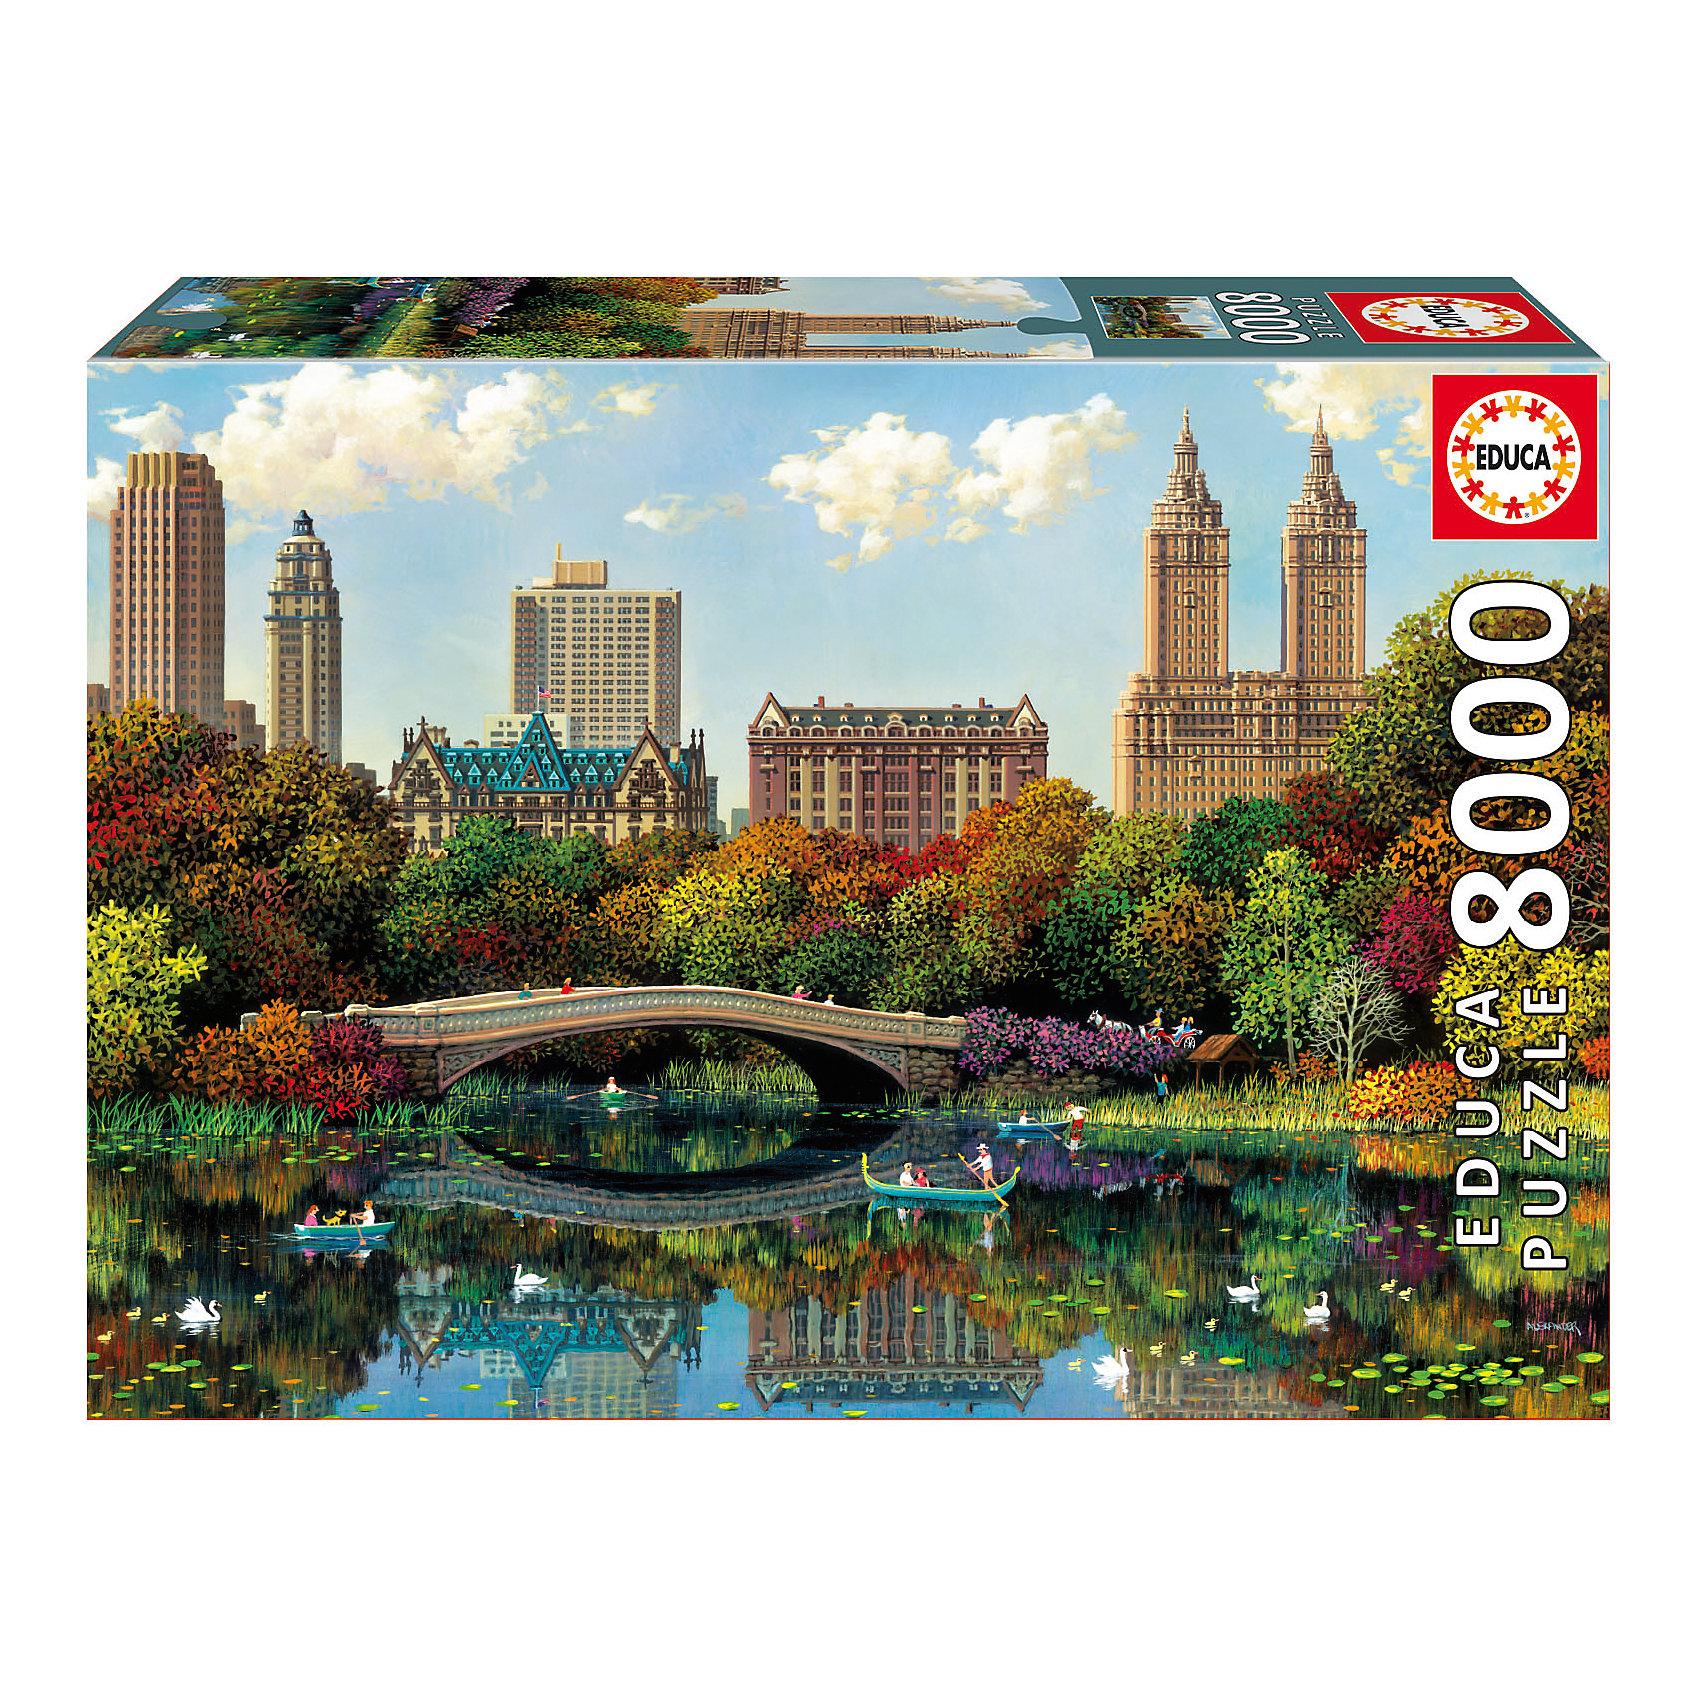 Пазл Центральный парк, 8000 деталей, EducaПазлы для детей постарше<br>Характеристики товара:<br><br>• возраст: от 3 лет;<br>• материал: картон;<br>• в комплекте: 8000 деталей;<br>• размер собранного пазла: 192х136 см;<br>• размер упаковки: 45,5х33,5х11,5 см;<br>• вес упаковки: 4,22 кг;<br>• страна производитель: Испания.<br><br>Пазл «Центральный парк» Educa позволит увлекательно провести дома время в компании семьи или друзей. На пазле изображен Центральный парк в Нью-Йорке. В процессе сборки пазла у детей развивается мелкая моторика рук, усидчивость, внимательность к деталям, логическое мышление.<br><br>Пазл «Центральный парк» Educa можно приобрести в нашем интернет-магазине.<br><br>Ширина мм: 455<br>Глубина мм: 320<br>Высота мм: 80<br>Вес г: 4250<br>Возраст от месяцев: 60<br>Возраст до месяцев: 2147483647<br>Пол: Унисекс<br>Возраст: Детский<br>SKU: 5478591